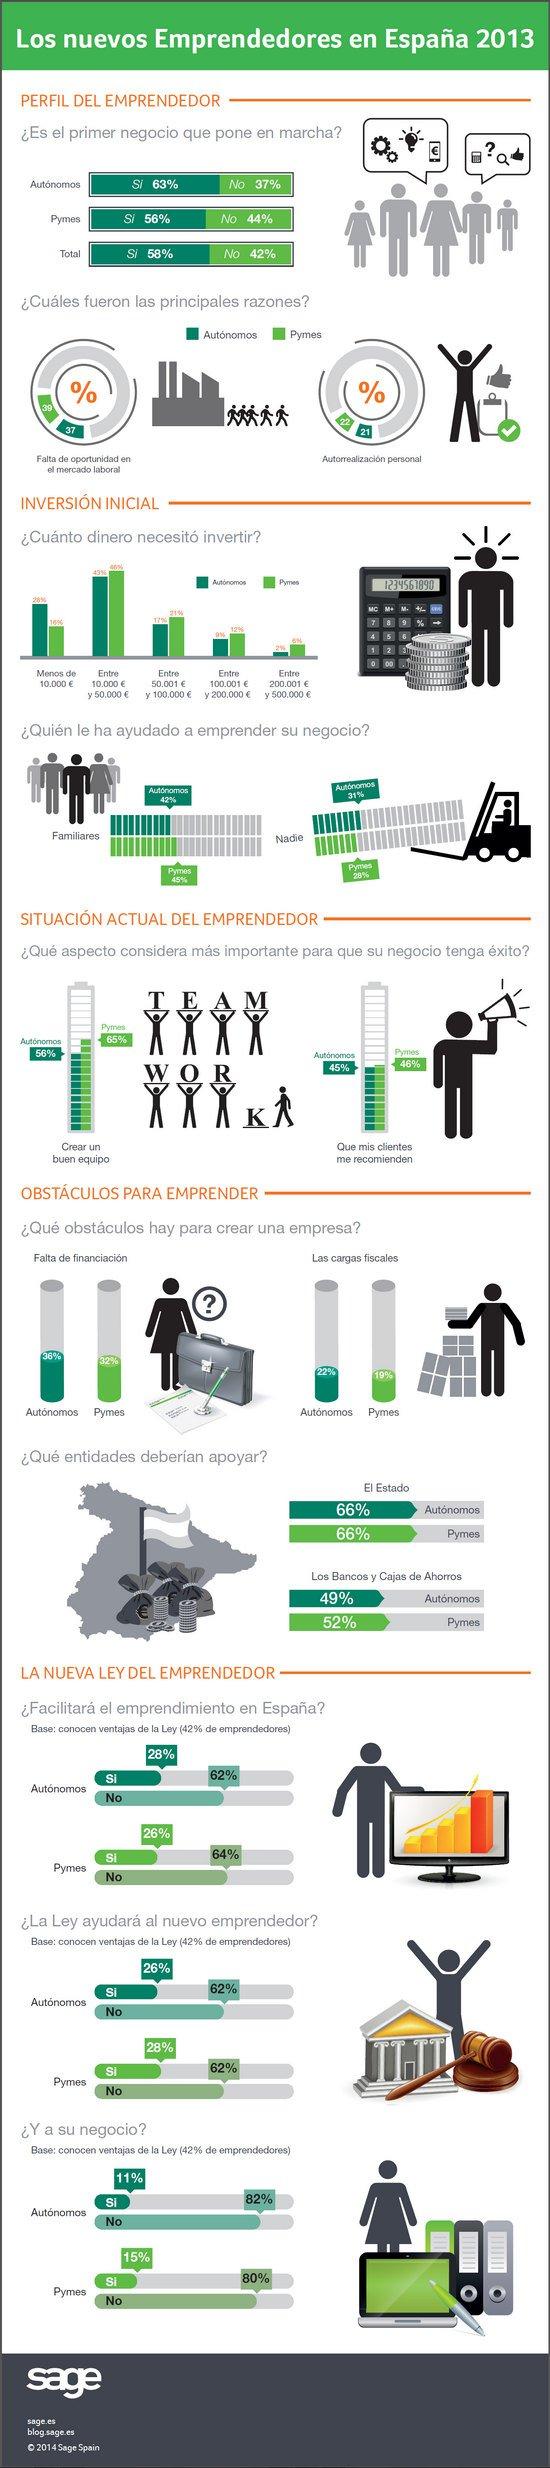 Infografía - Los nuevos emprendedores en España